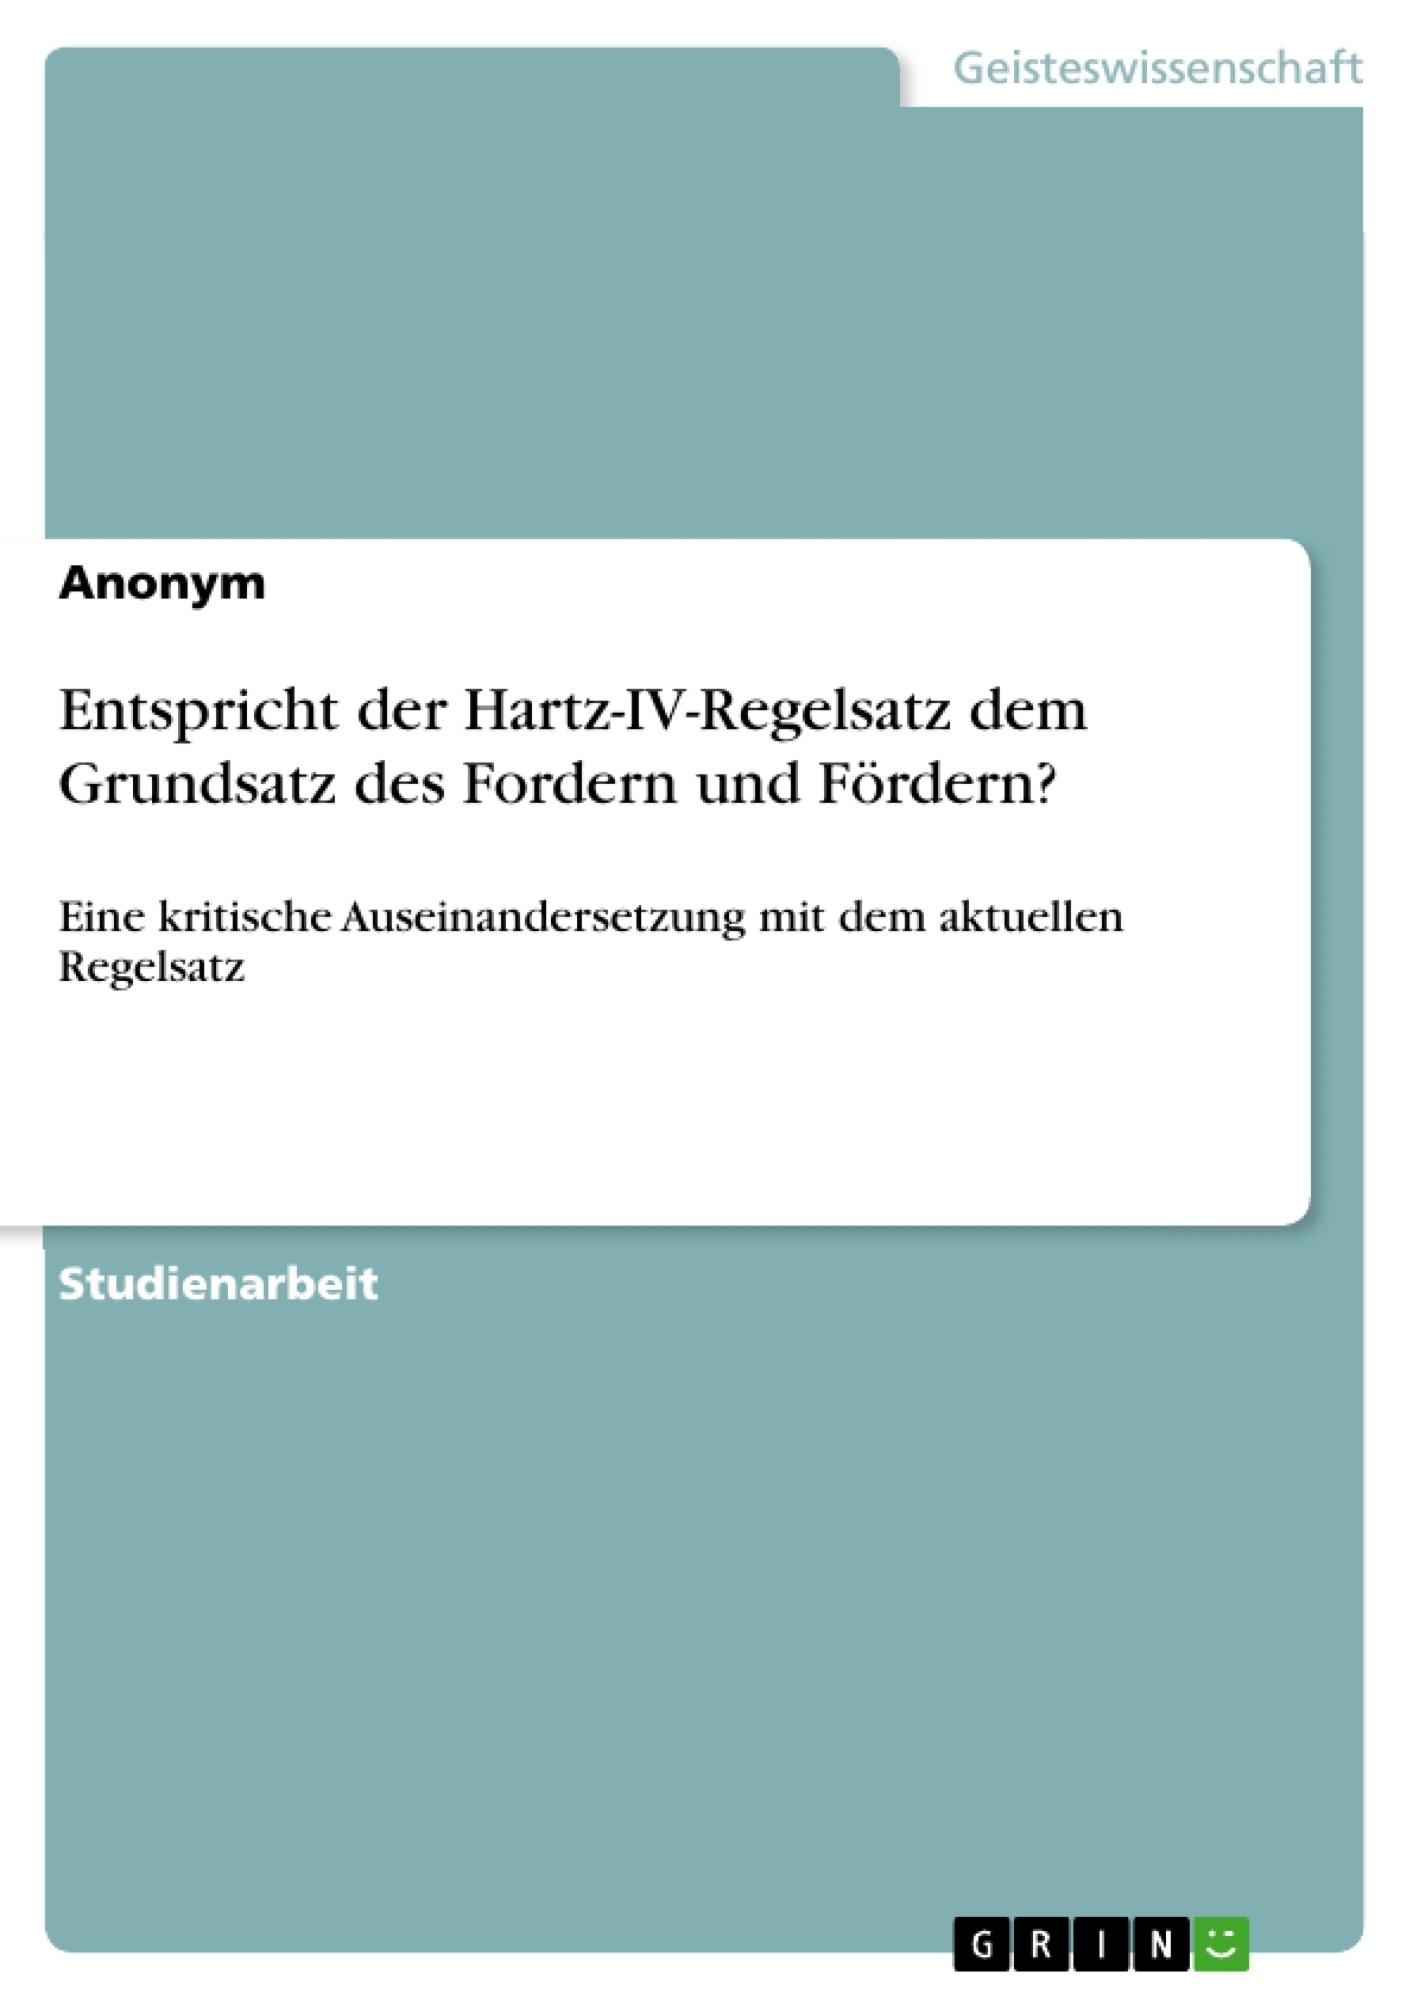 Titel: Entspricht der Hartz-IV-Regelsatz dem Grundsatz des Fordern und Fördern?